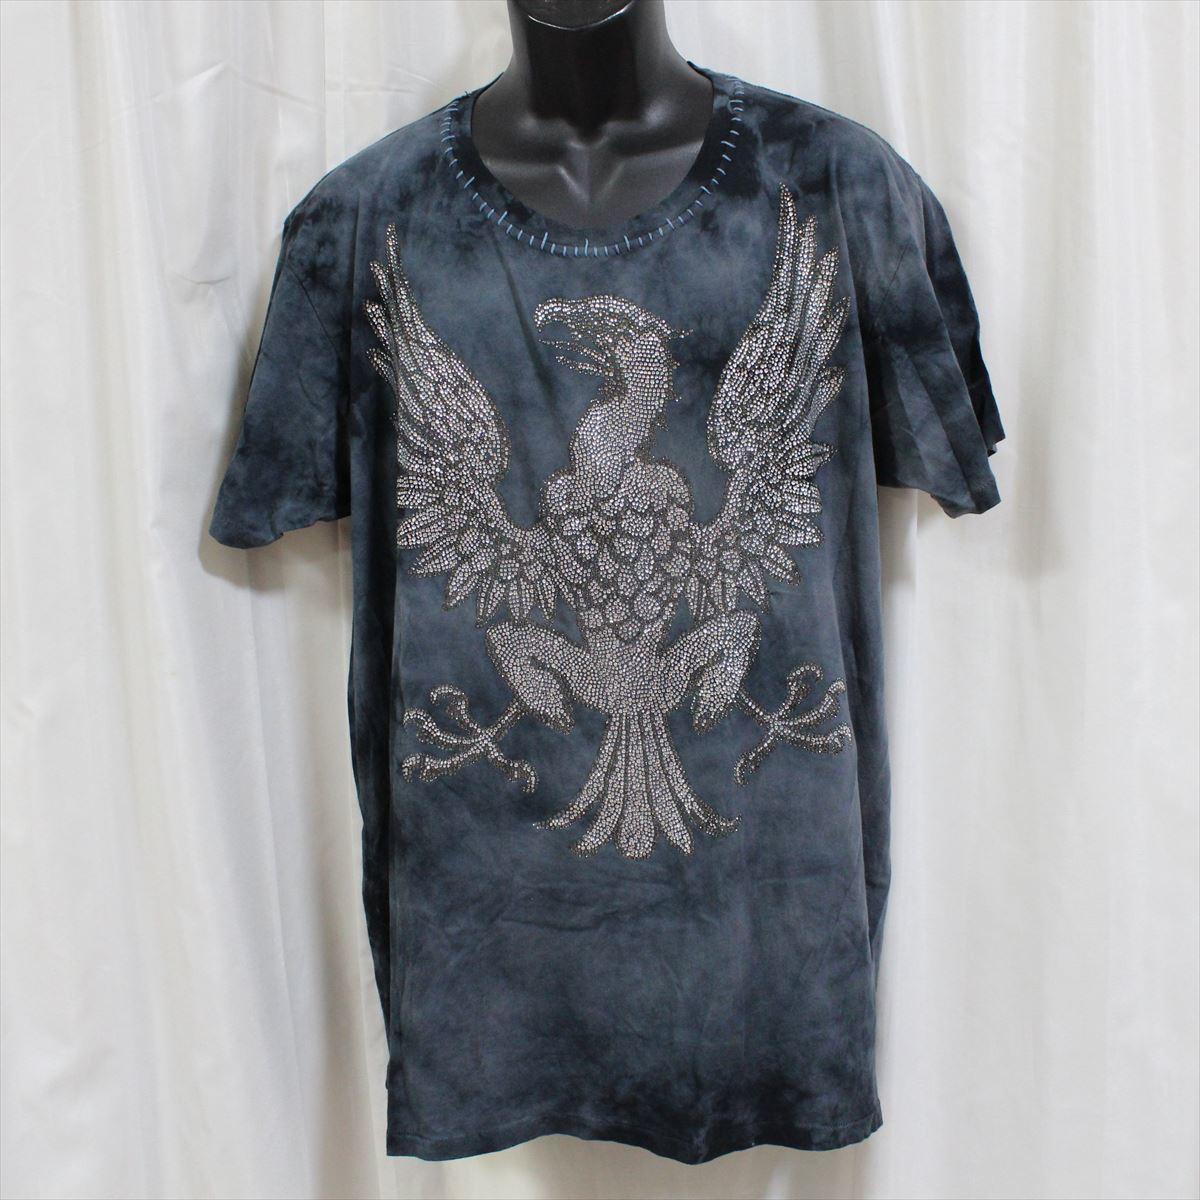 アイコニック Iconic Couture メンズ半袖Tシャツ ネイビー 新品 紺 アメリカ製_画像1